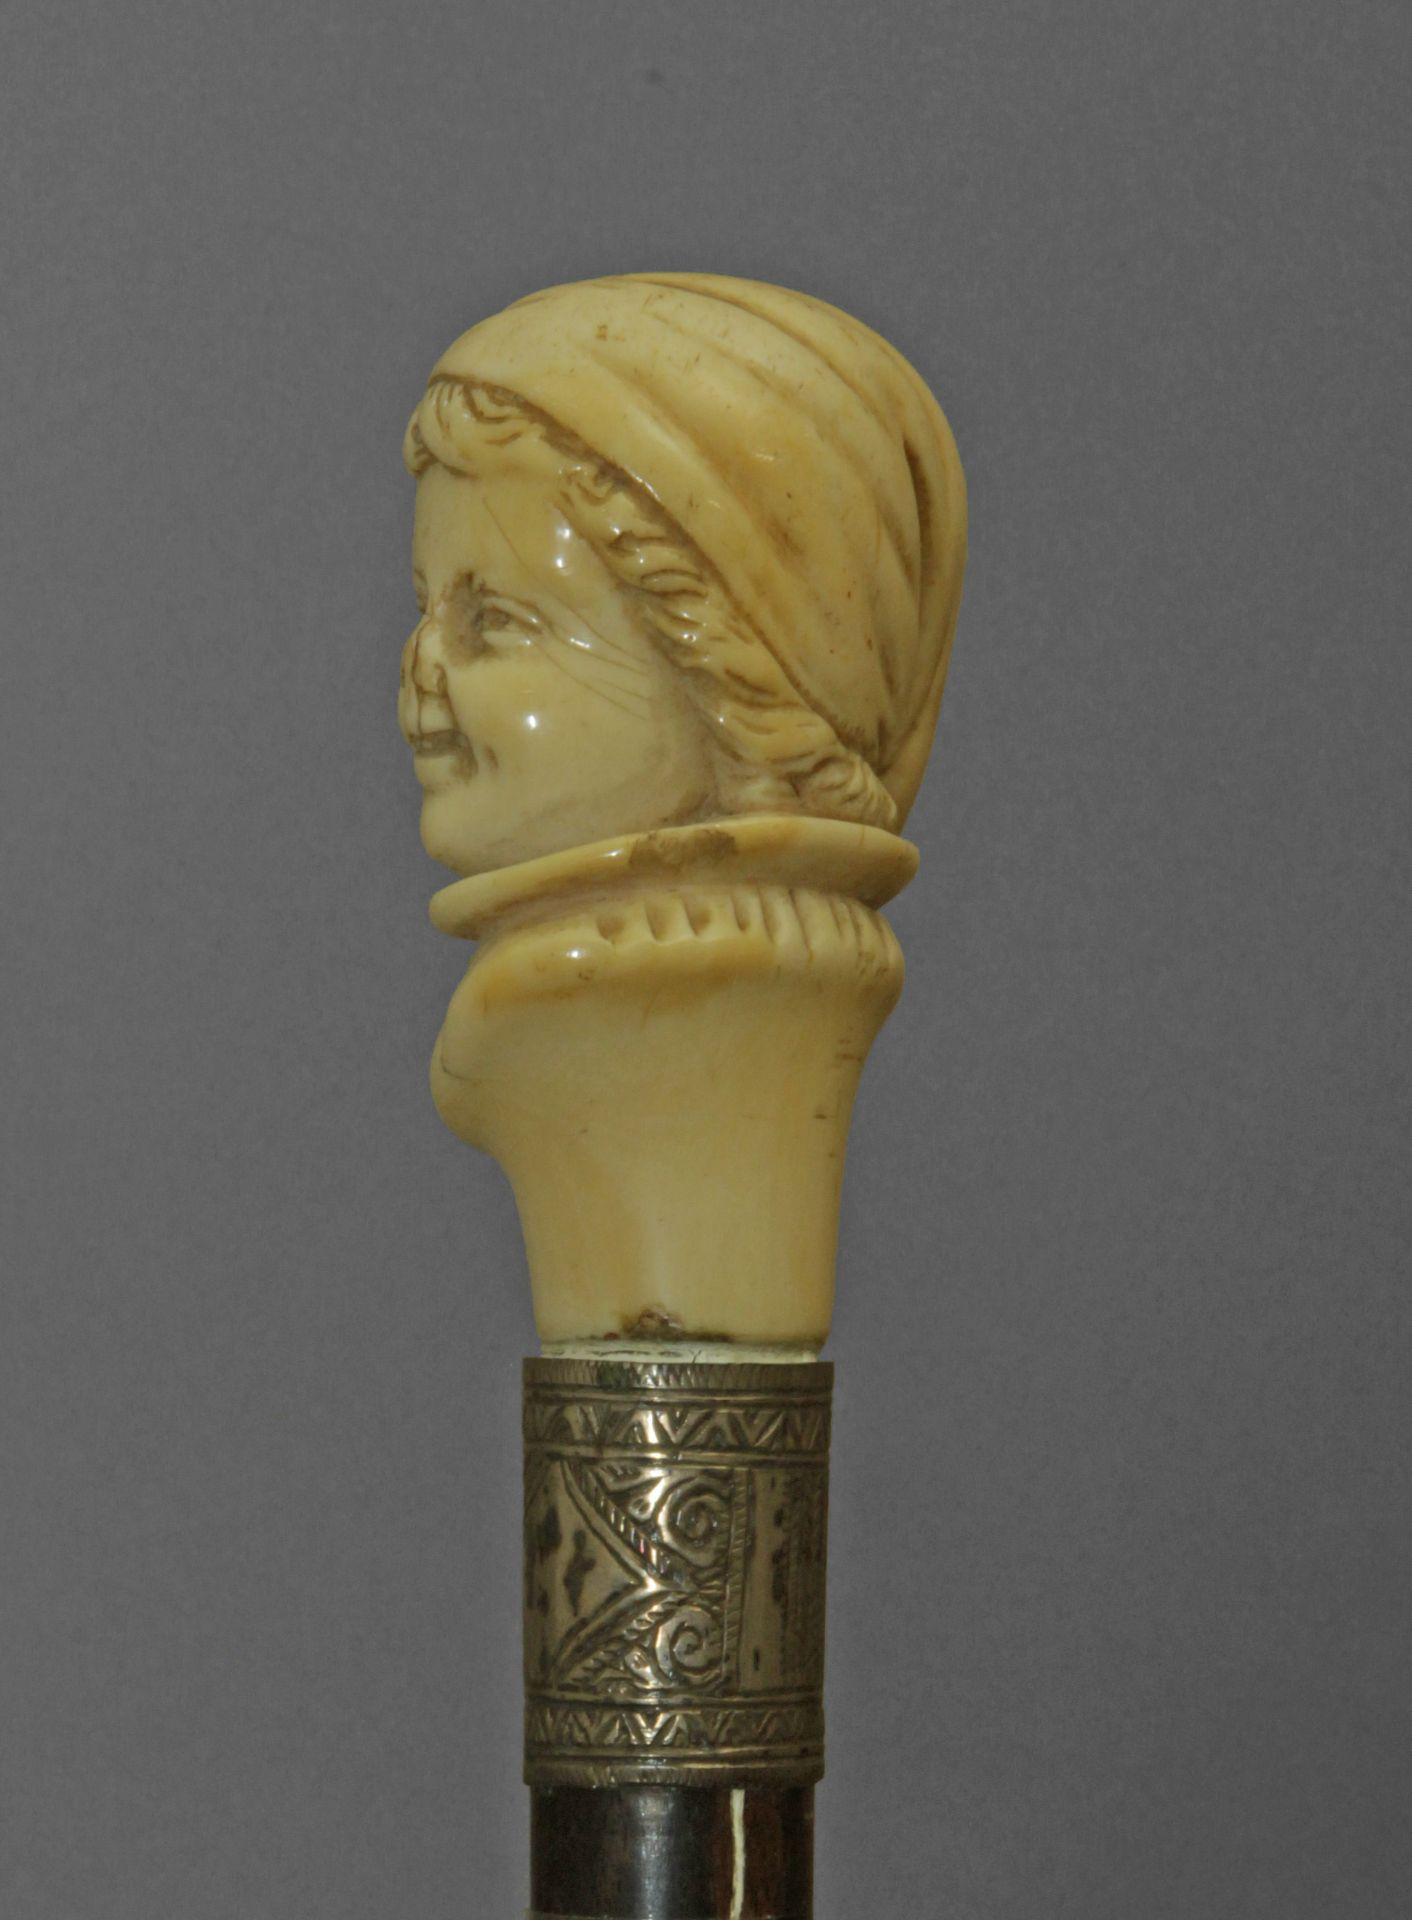 A 19th century walking stick - Bild 4 aus 6